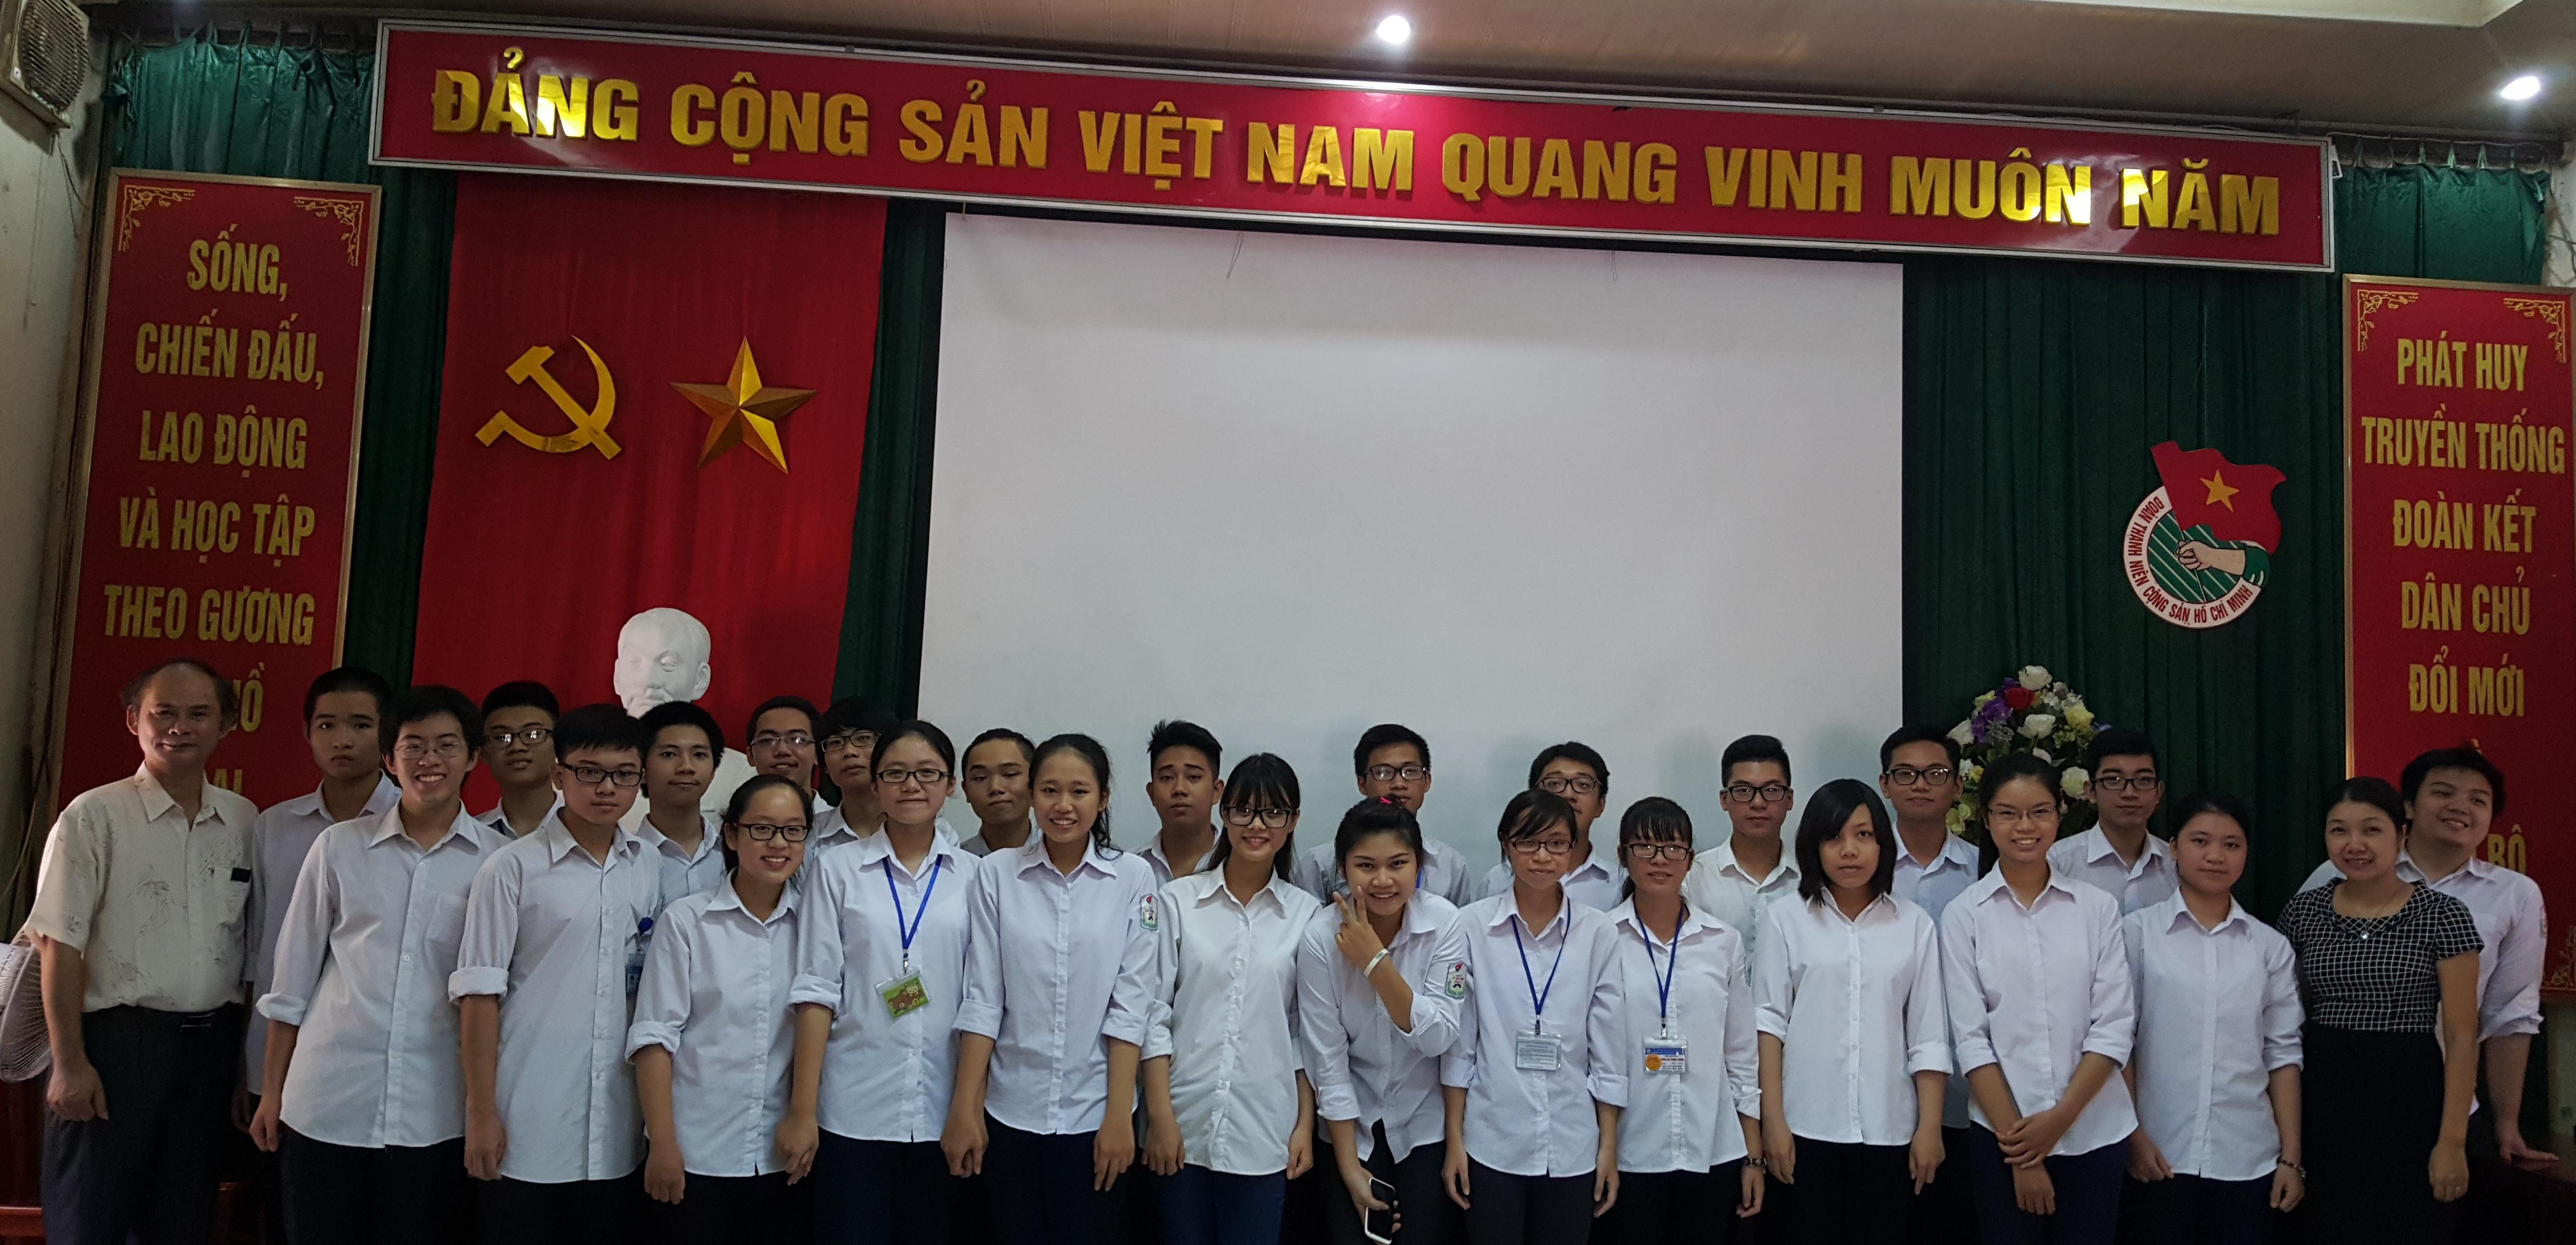 Đội tuyển học sinh giỏi các môn văn hóa dự thi cấp Thành phố